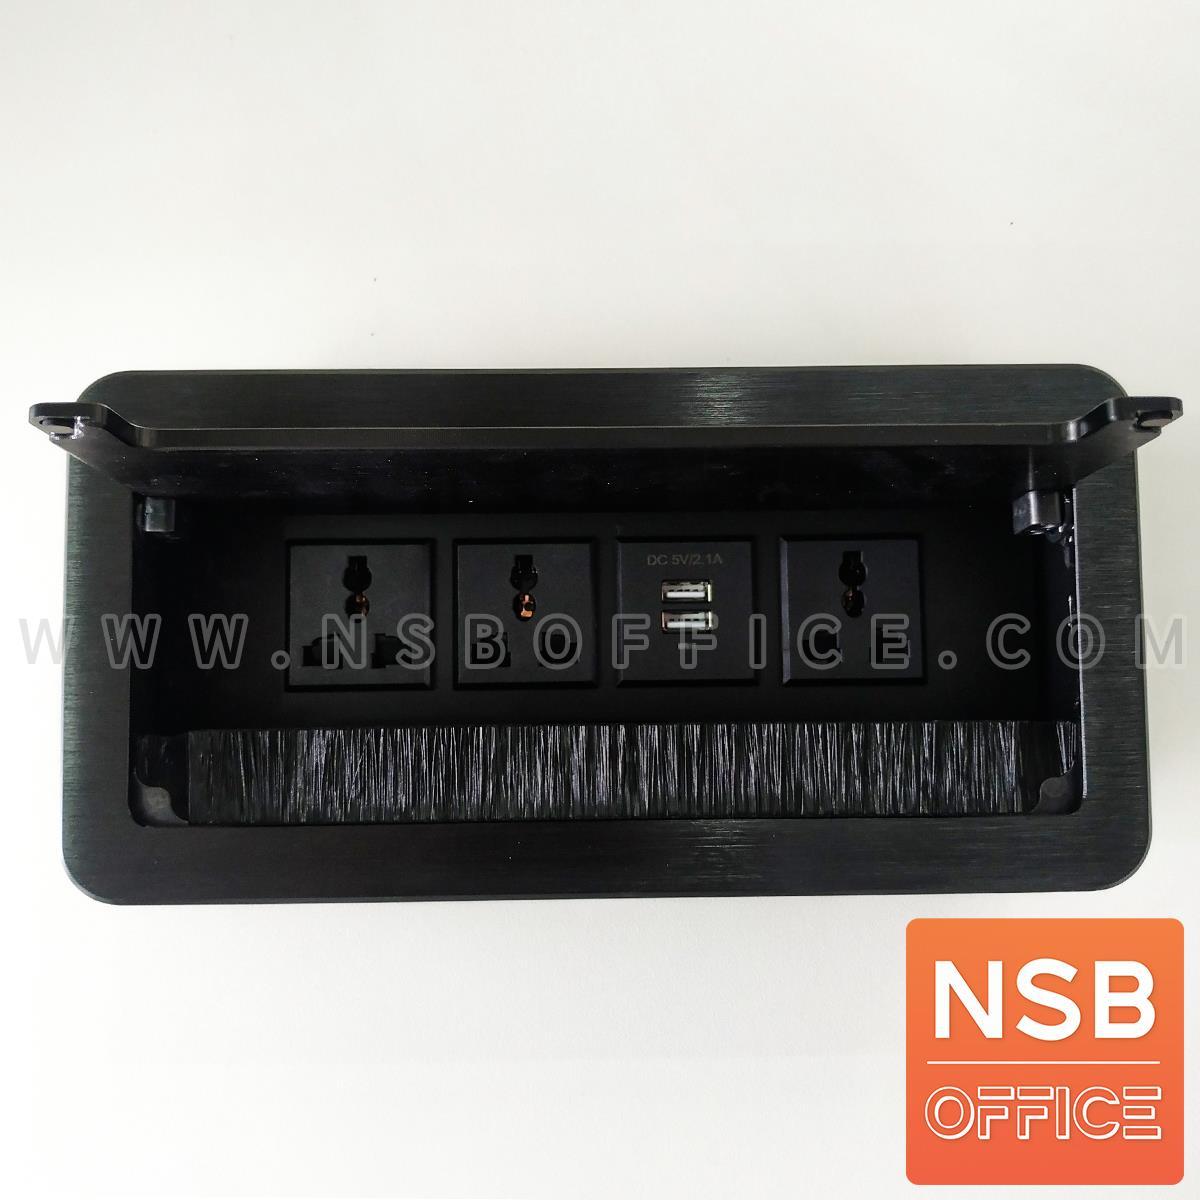 ป็อปอัพสี่เหลี่ยม รุ่น Blacksky (แบล็คสกาย) ขนาด 26.5W cm.  ผลิตจากอลูมิเนียมแฮร์ไลน์สีดำ